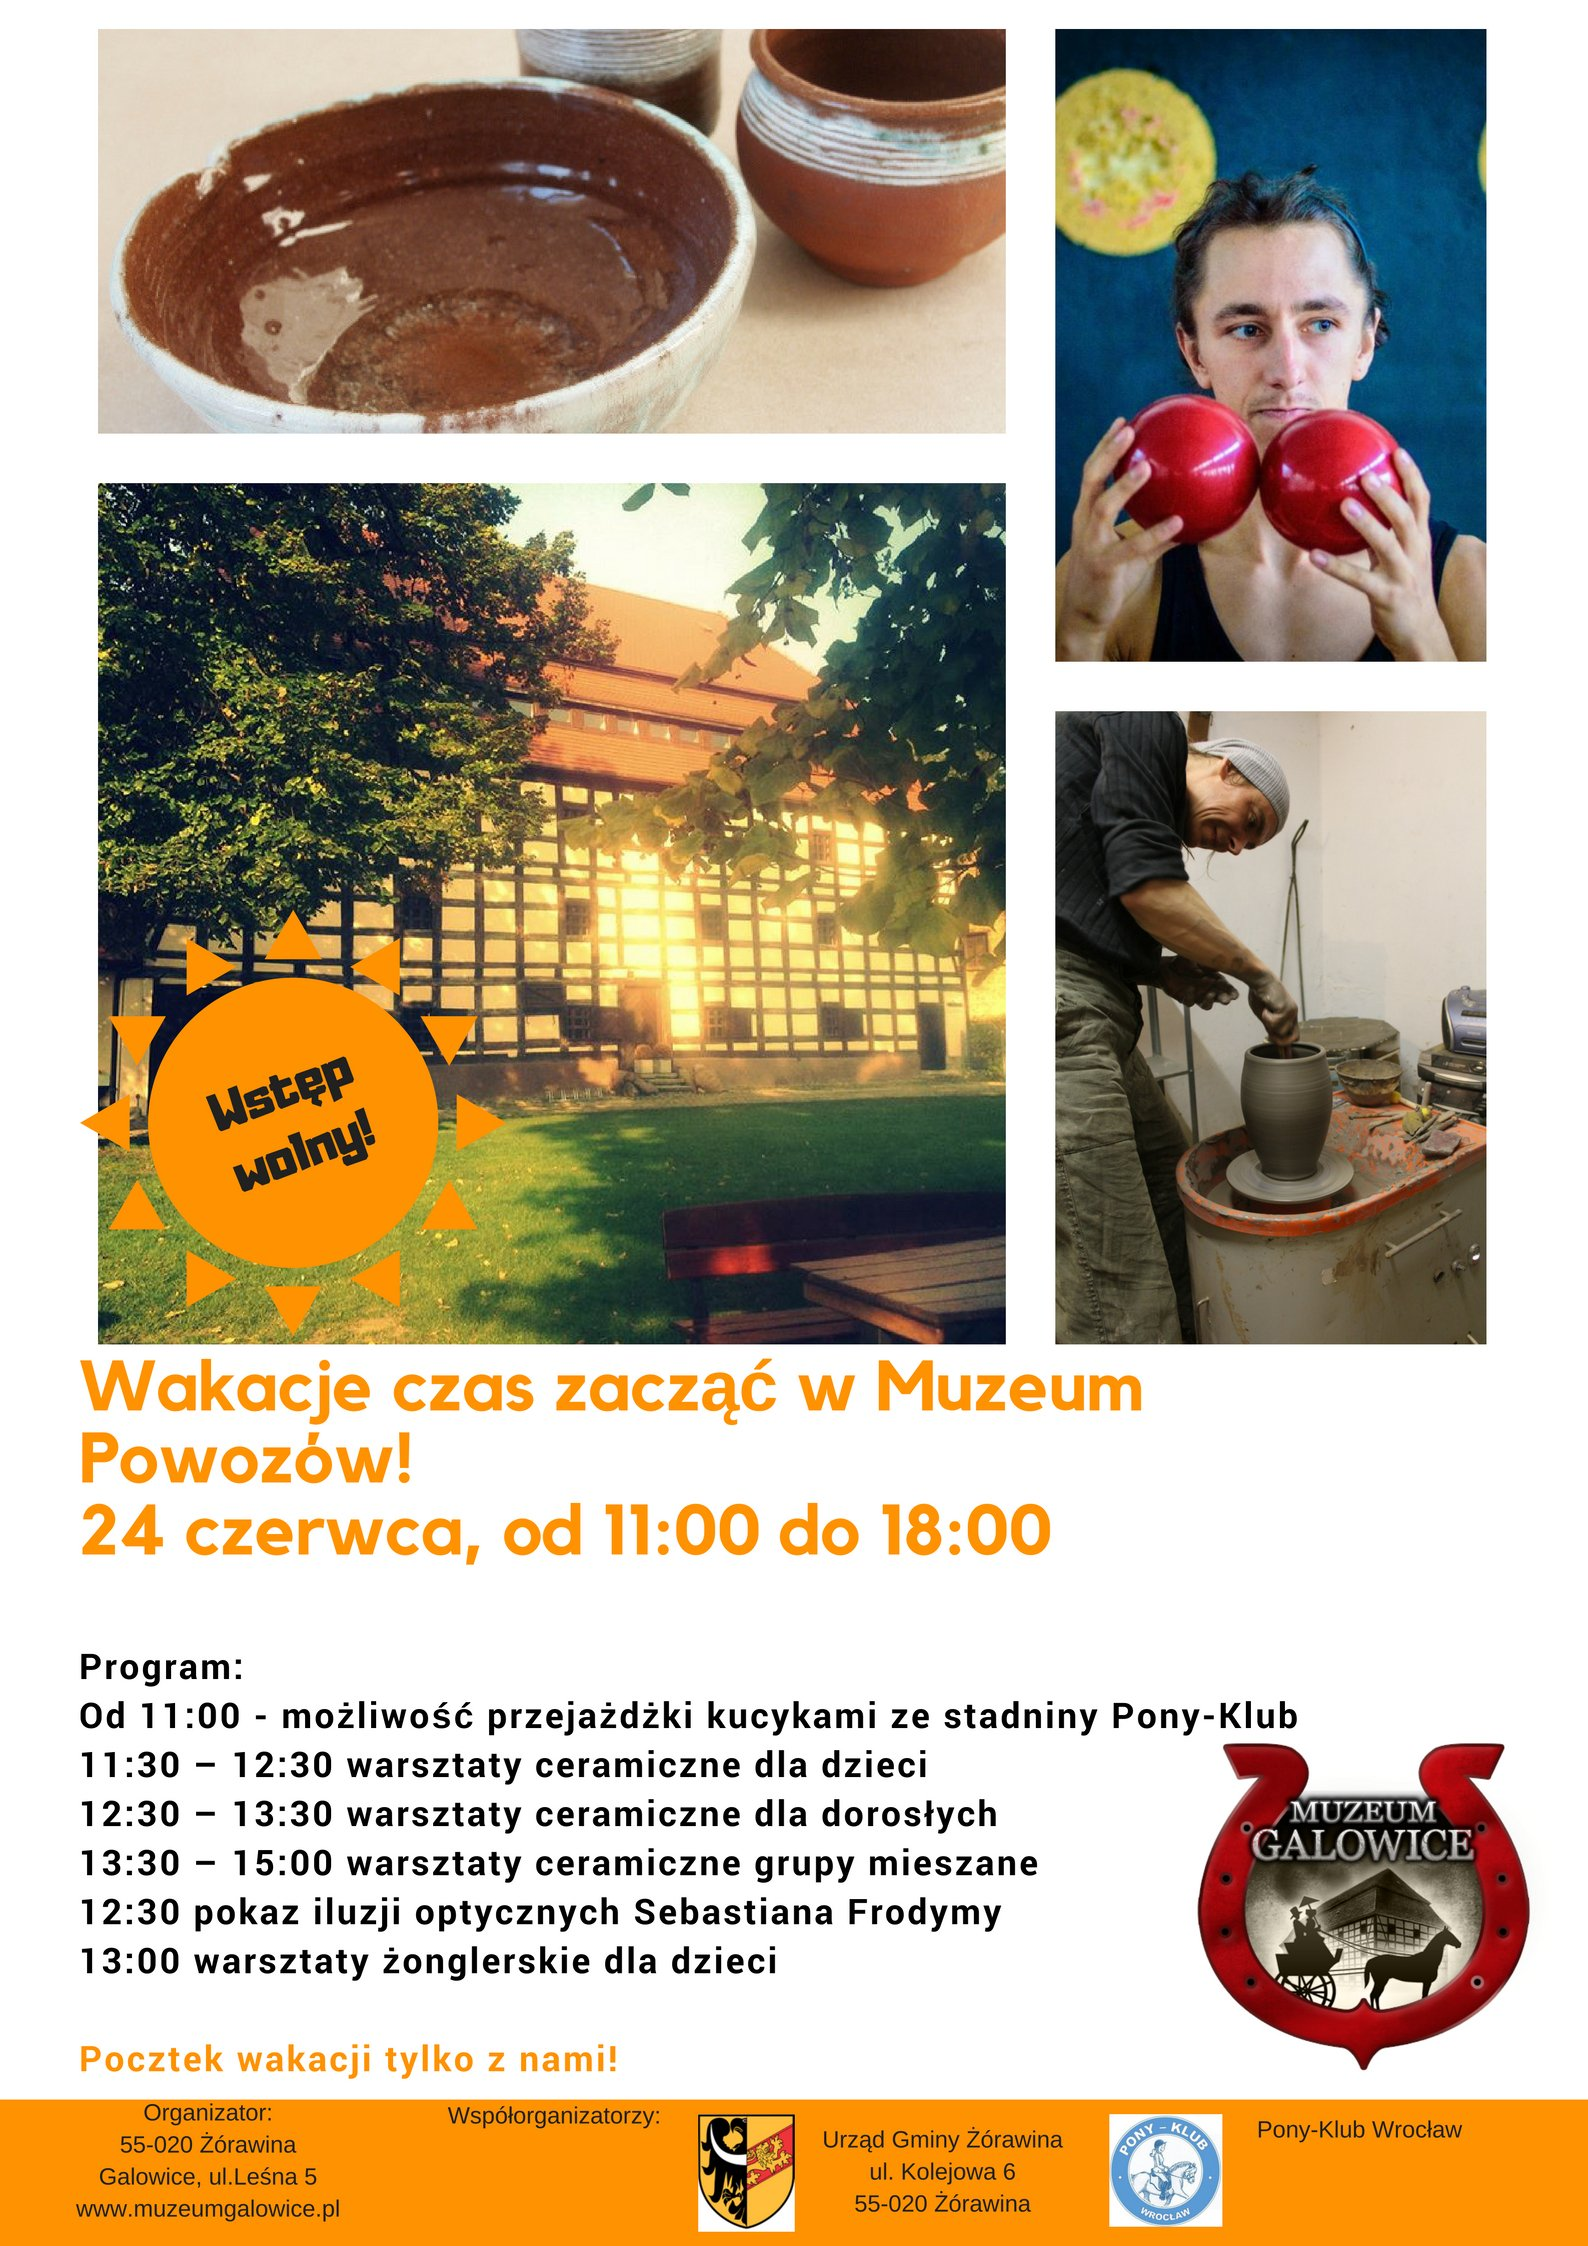 Powitanie lata – Wakacje czas zacząć w Muzeum Powozów Galowice!